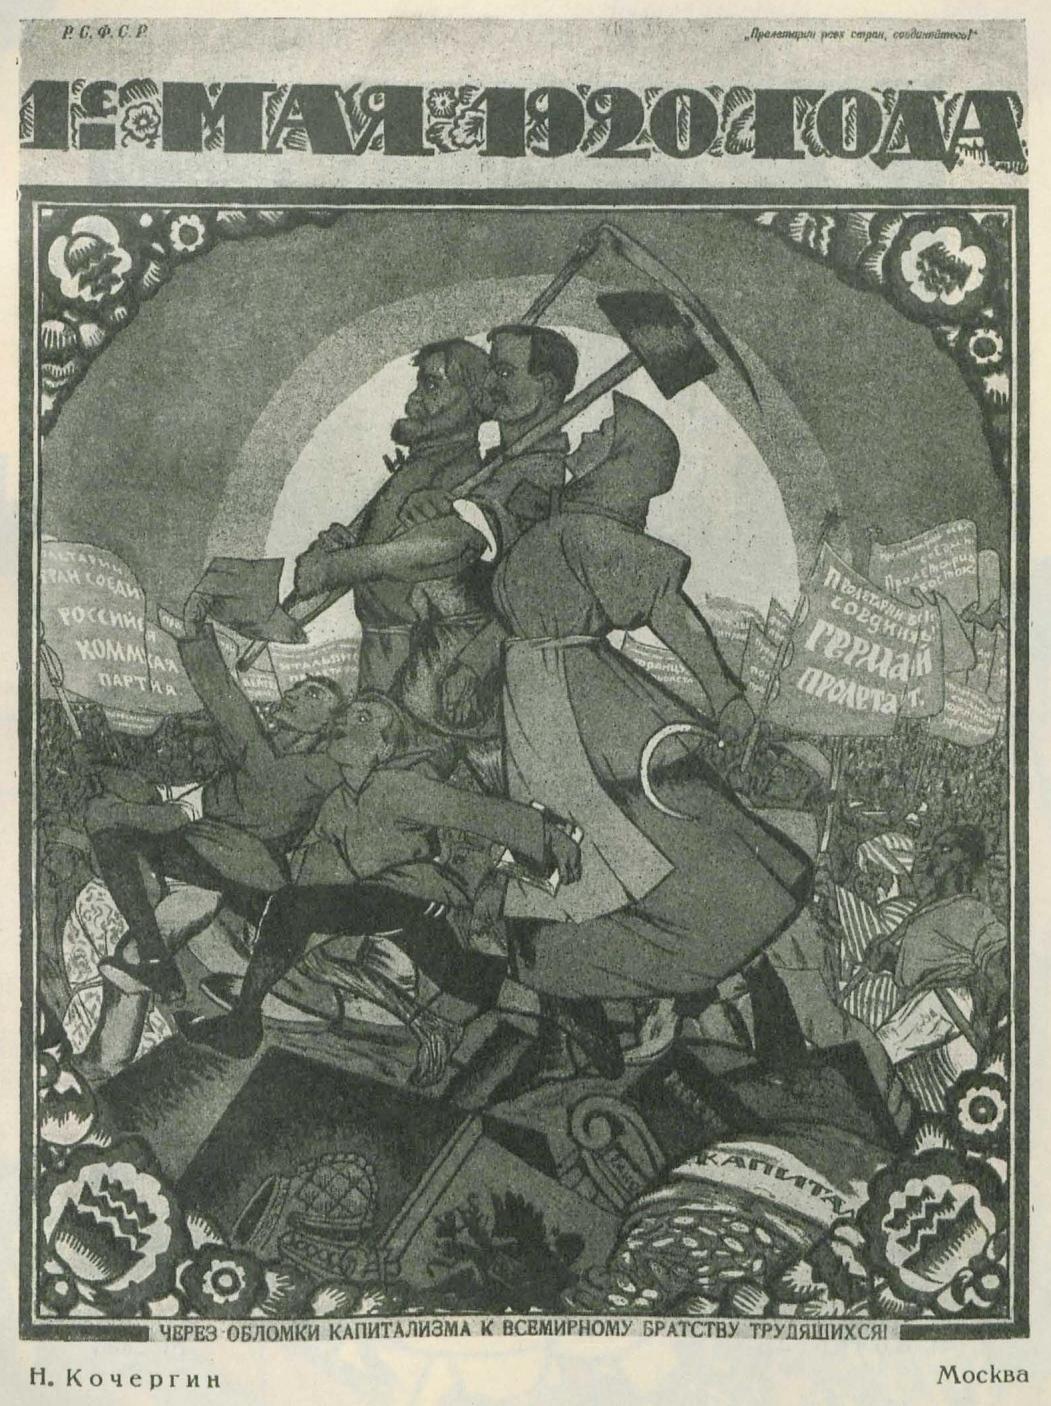 Н. Кочергин. Москва. Многокрасочная литография 53×71 см. Госиздат. «1-е мая 1920 года. Через обломки капитализма к всемирному братству трудящихся!»